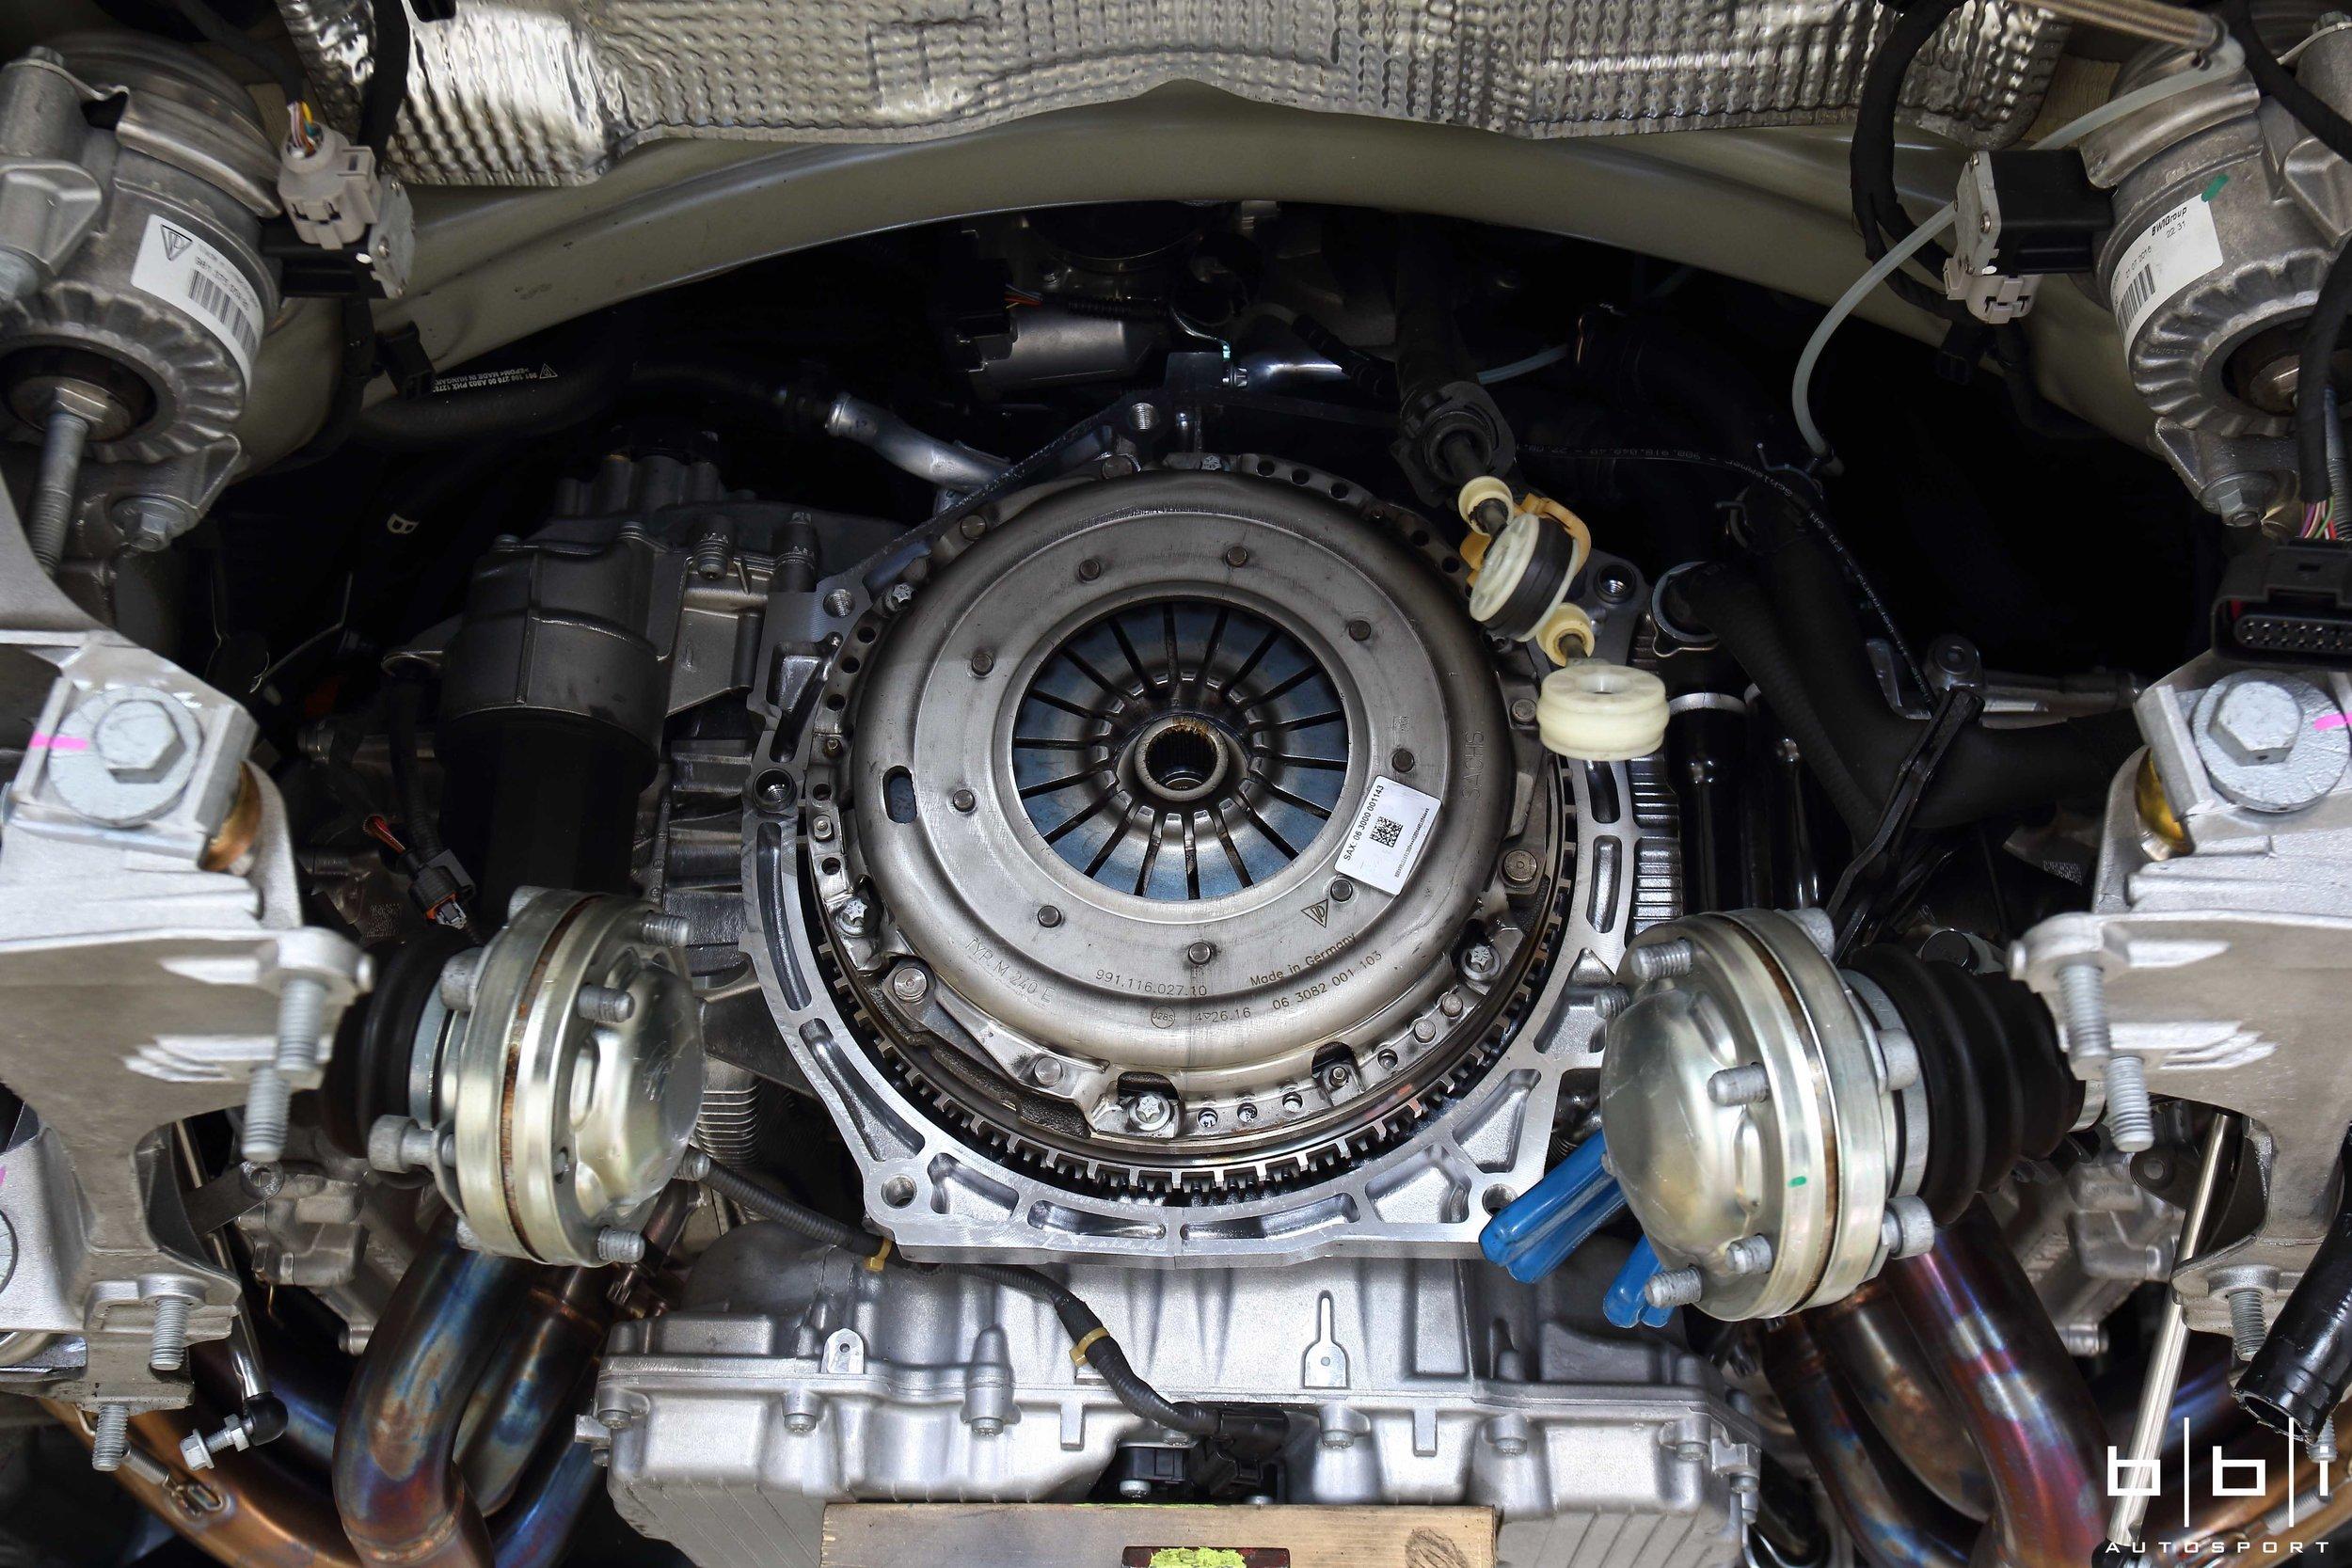 OEM Clutch & Flywheel